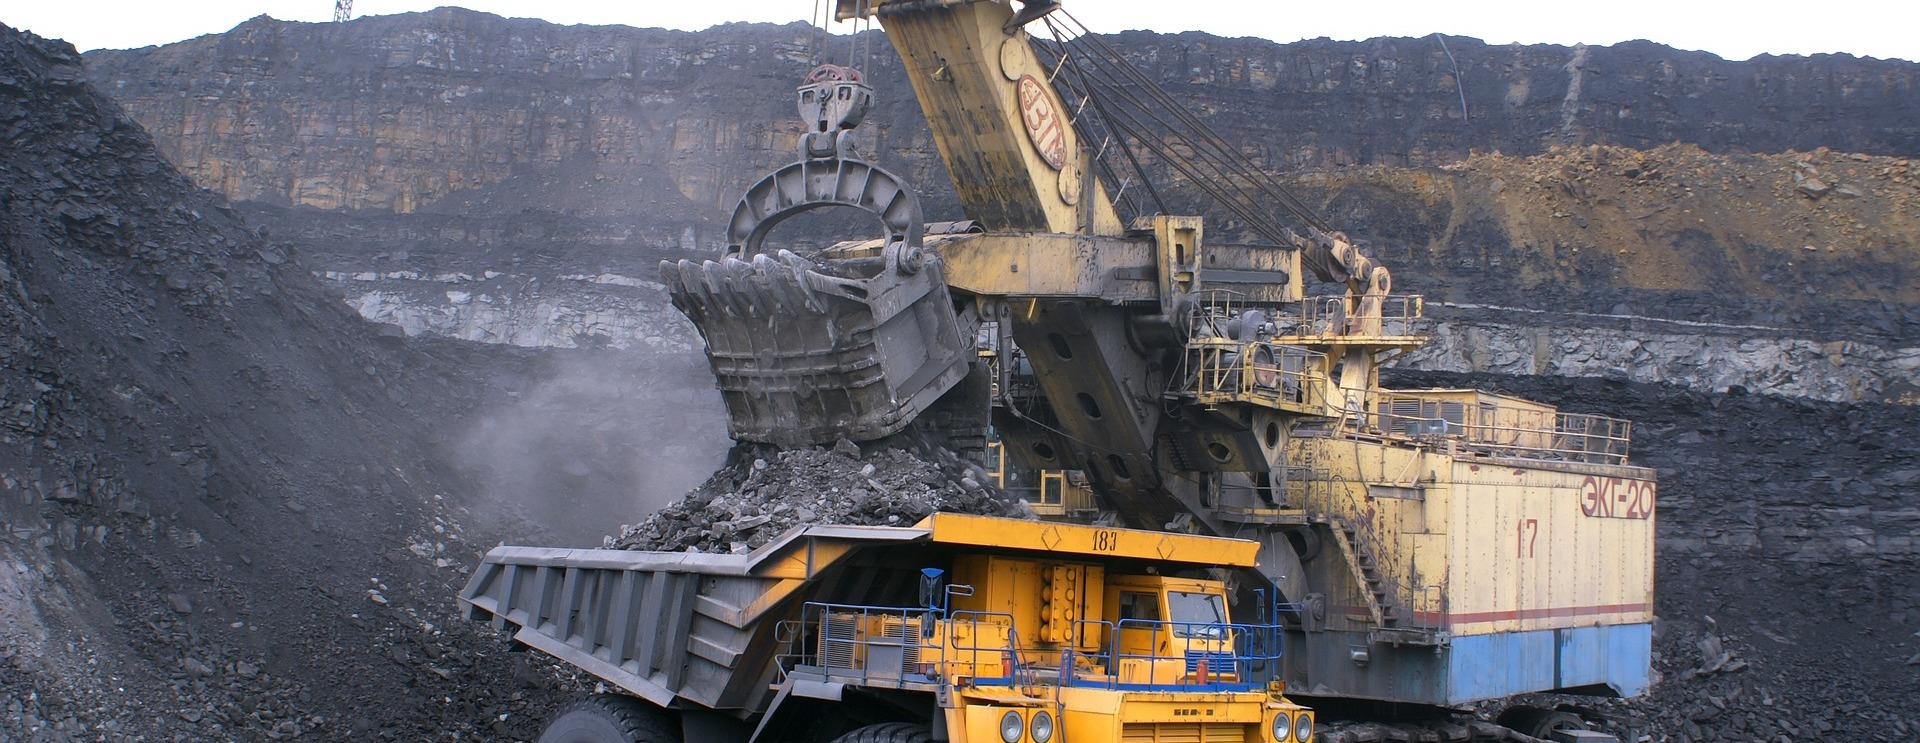 Введенный Китаем запрет на австралийский уголь повлиял на цены на этот источник энергии